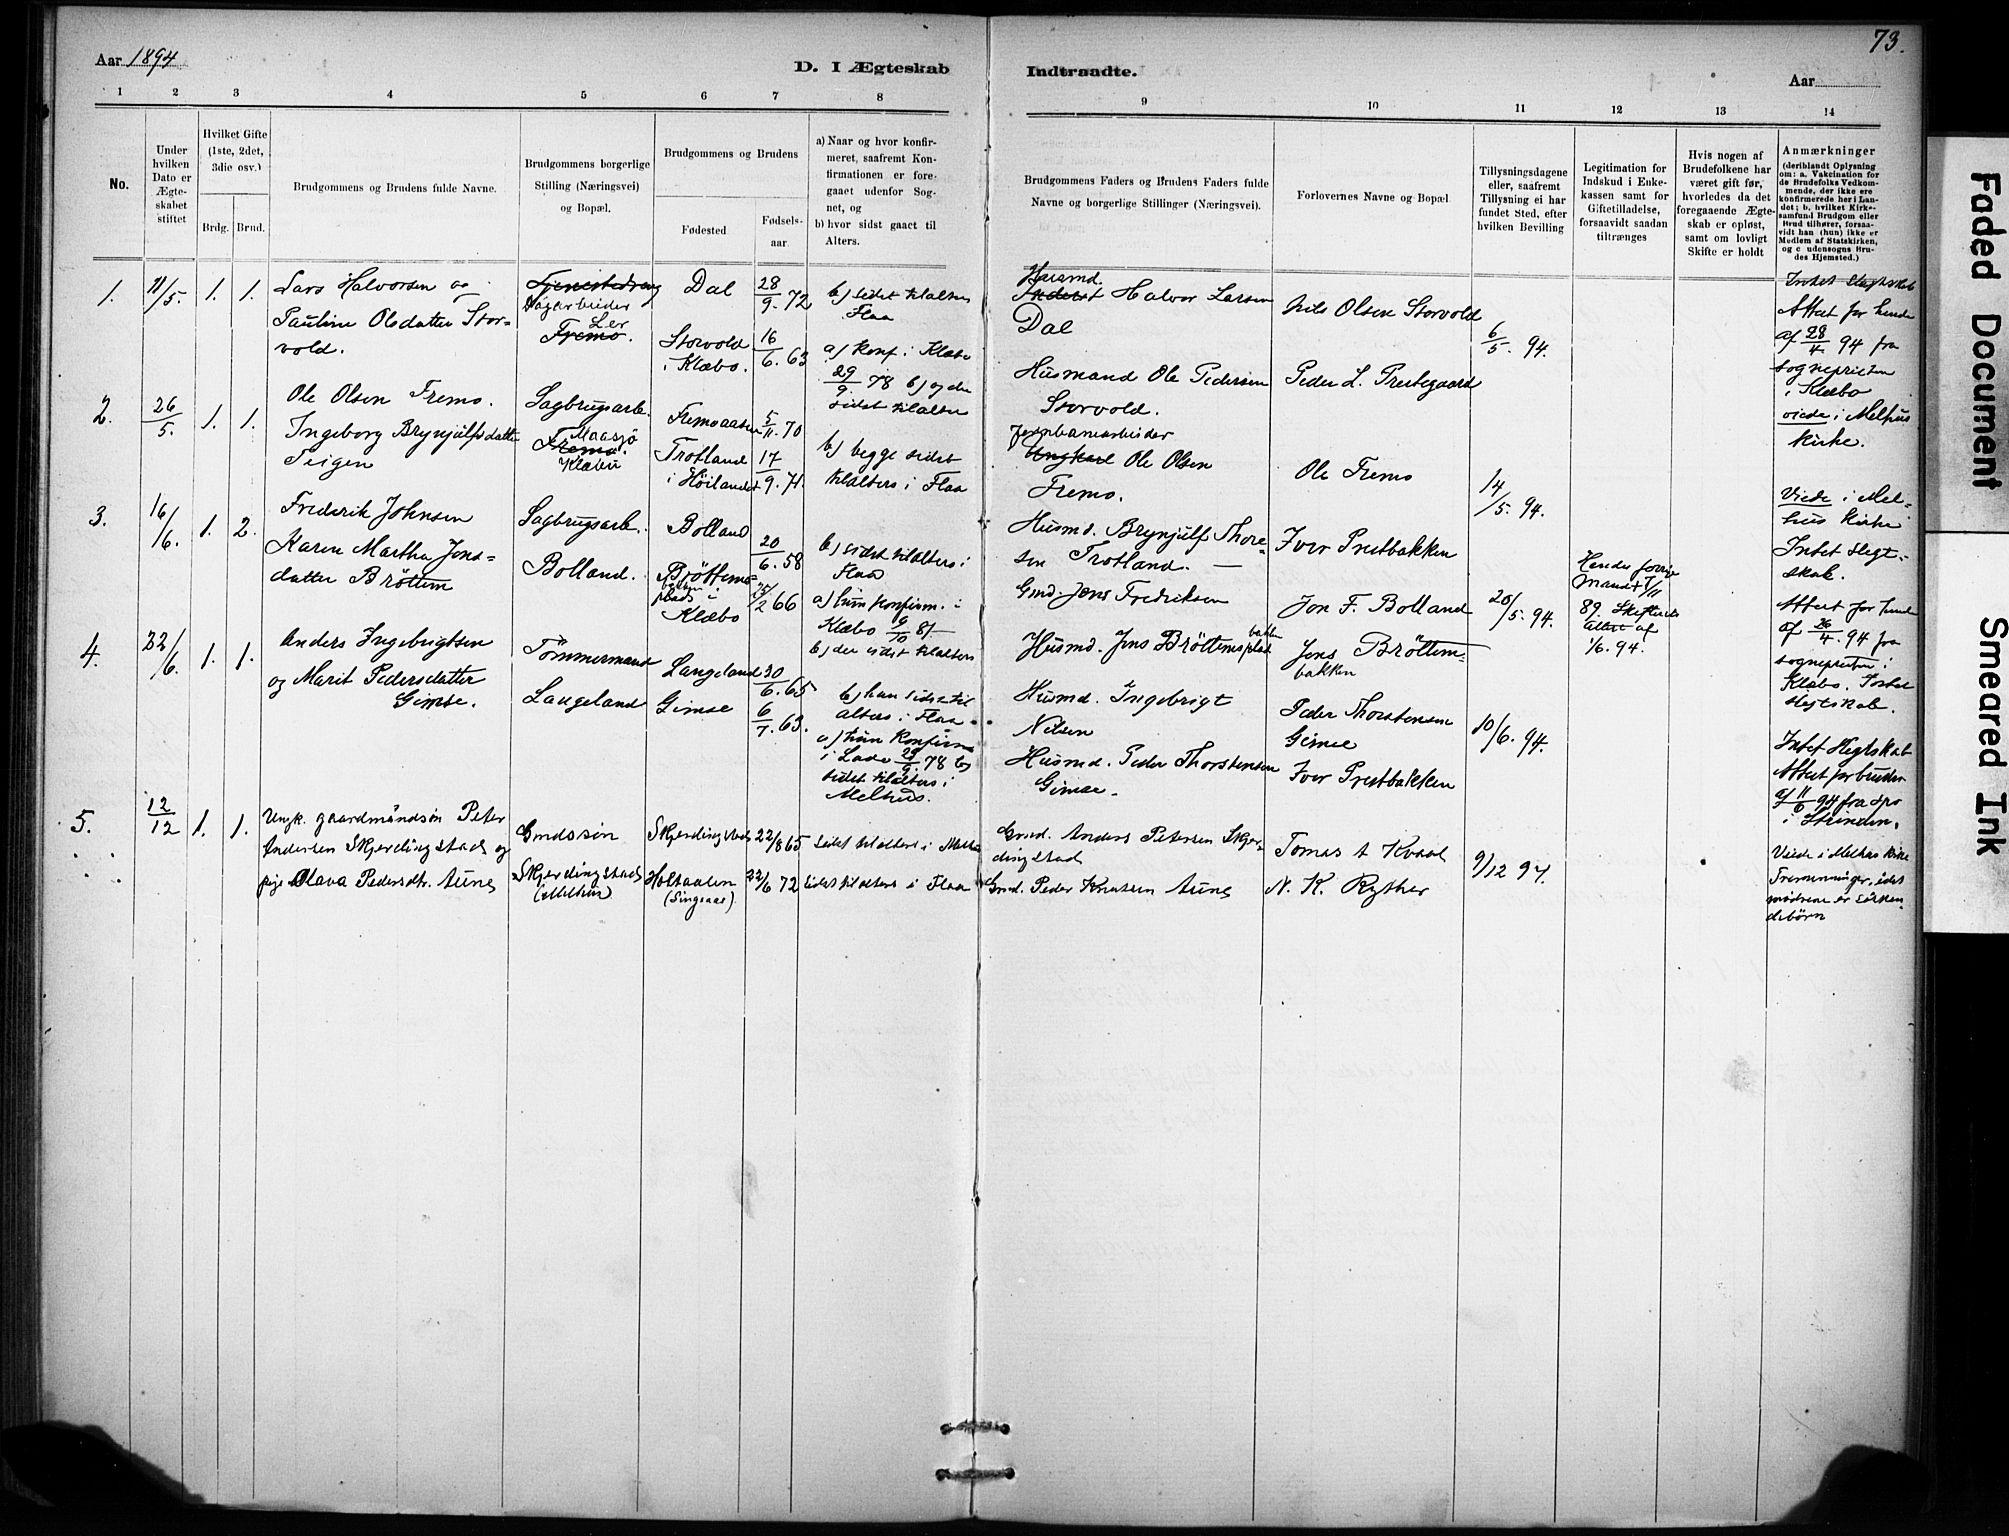 SAT, Ministerialprotokoller, klokkerbøker og fødselsregistre - Sør-Trøndelag, 693/L1119: Ministerialbok nr. 693A01, 1887-1905, s. 73